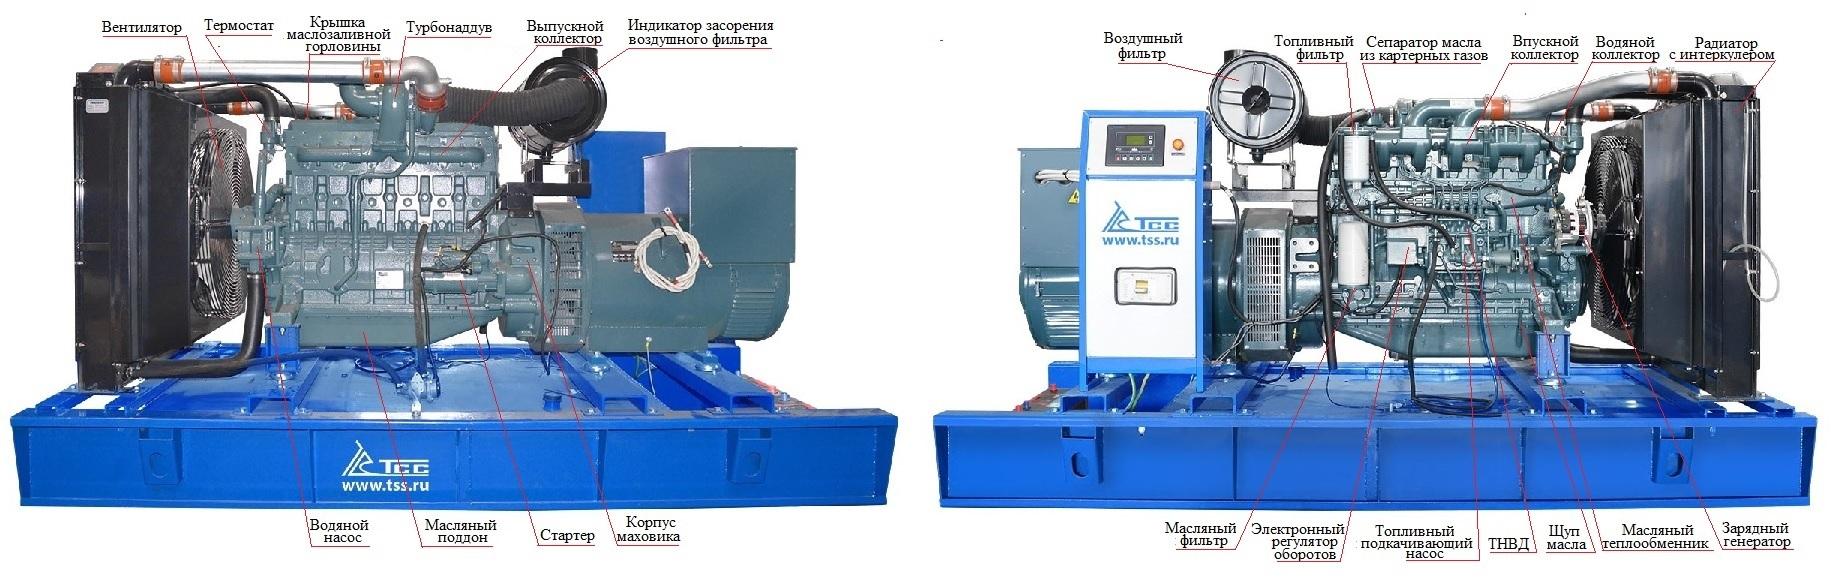 Дизельный генератор ТСС АД-240С-Т400-1РМ17 (Mecc Alte)